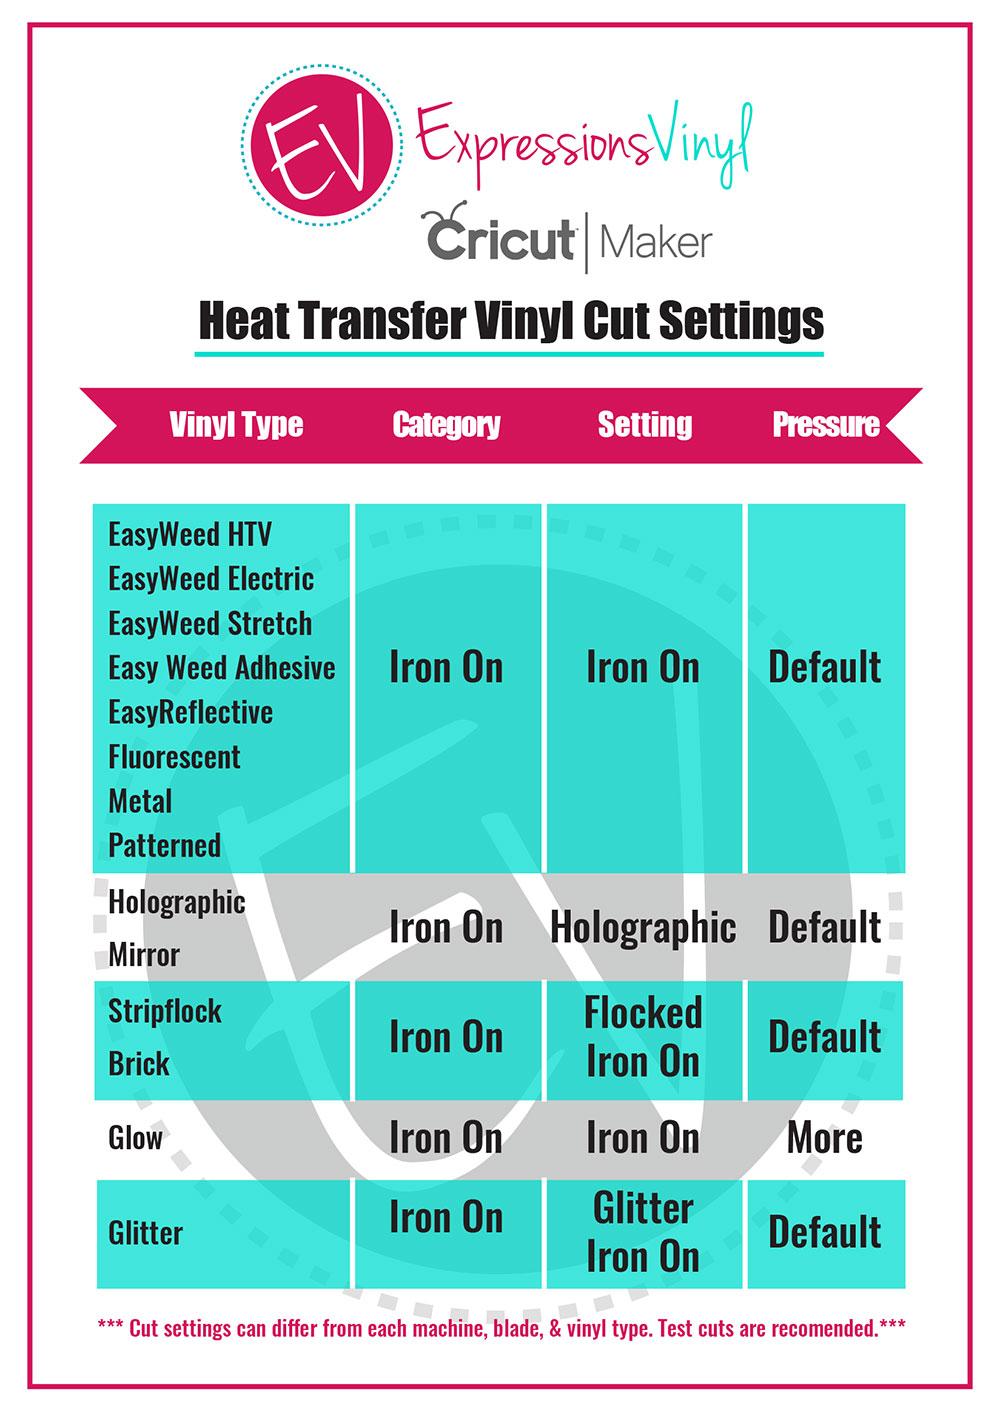 Cricut Maker Heat Transfer Vinyl Cut Settings